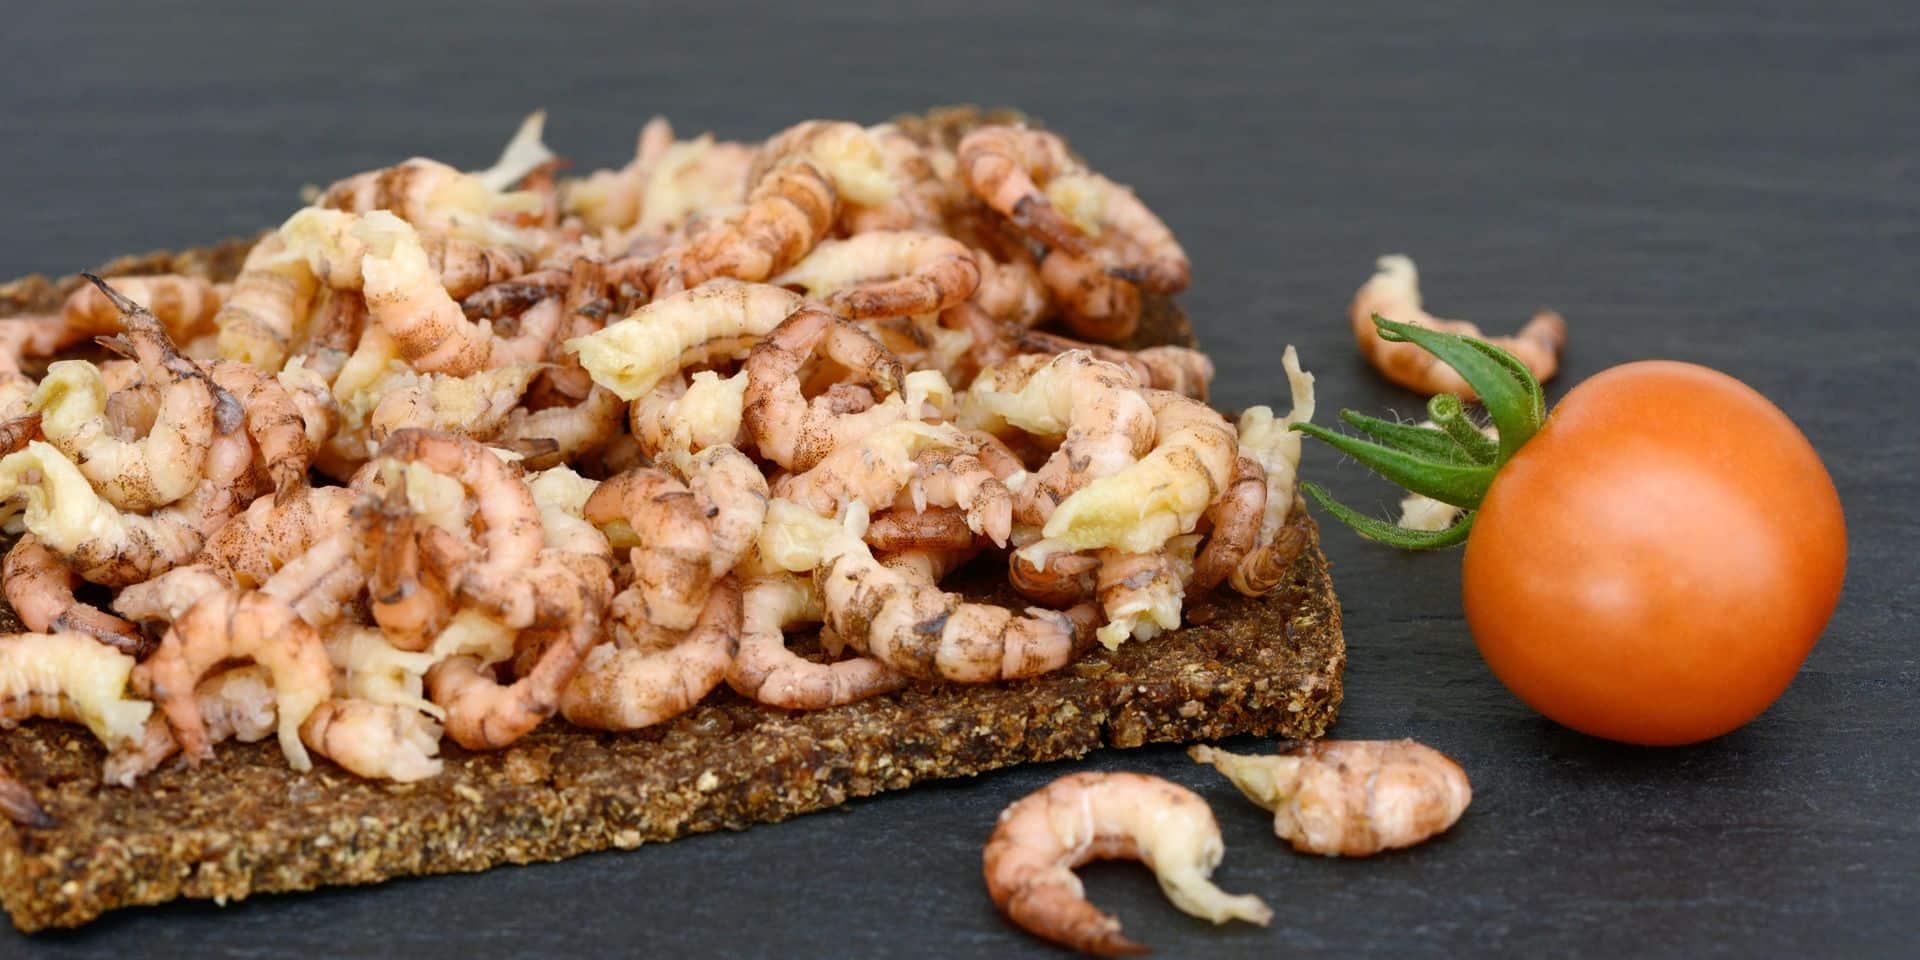 Le prix des crevettes grises va-t-il baisser pour les fêtes de fin d'année ?